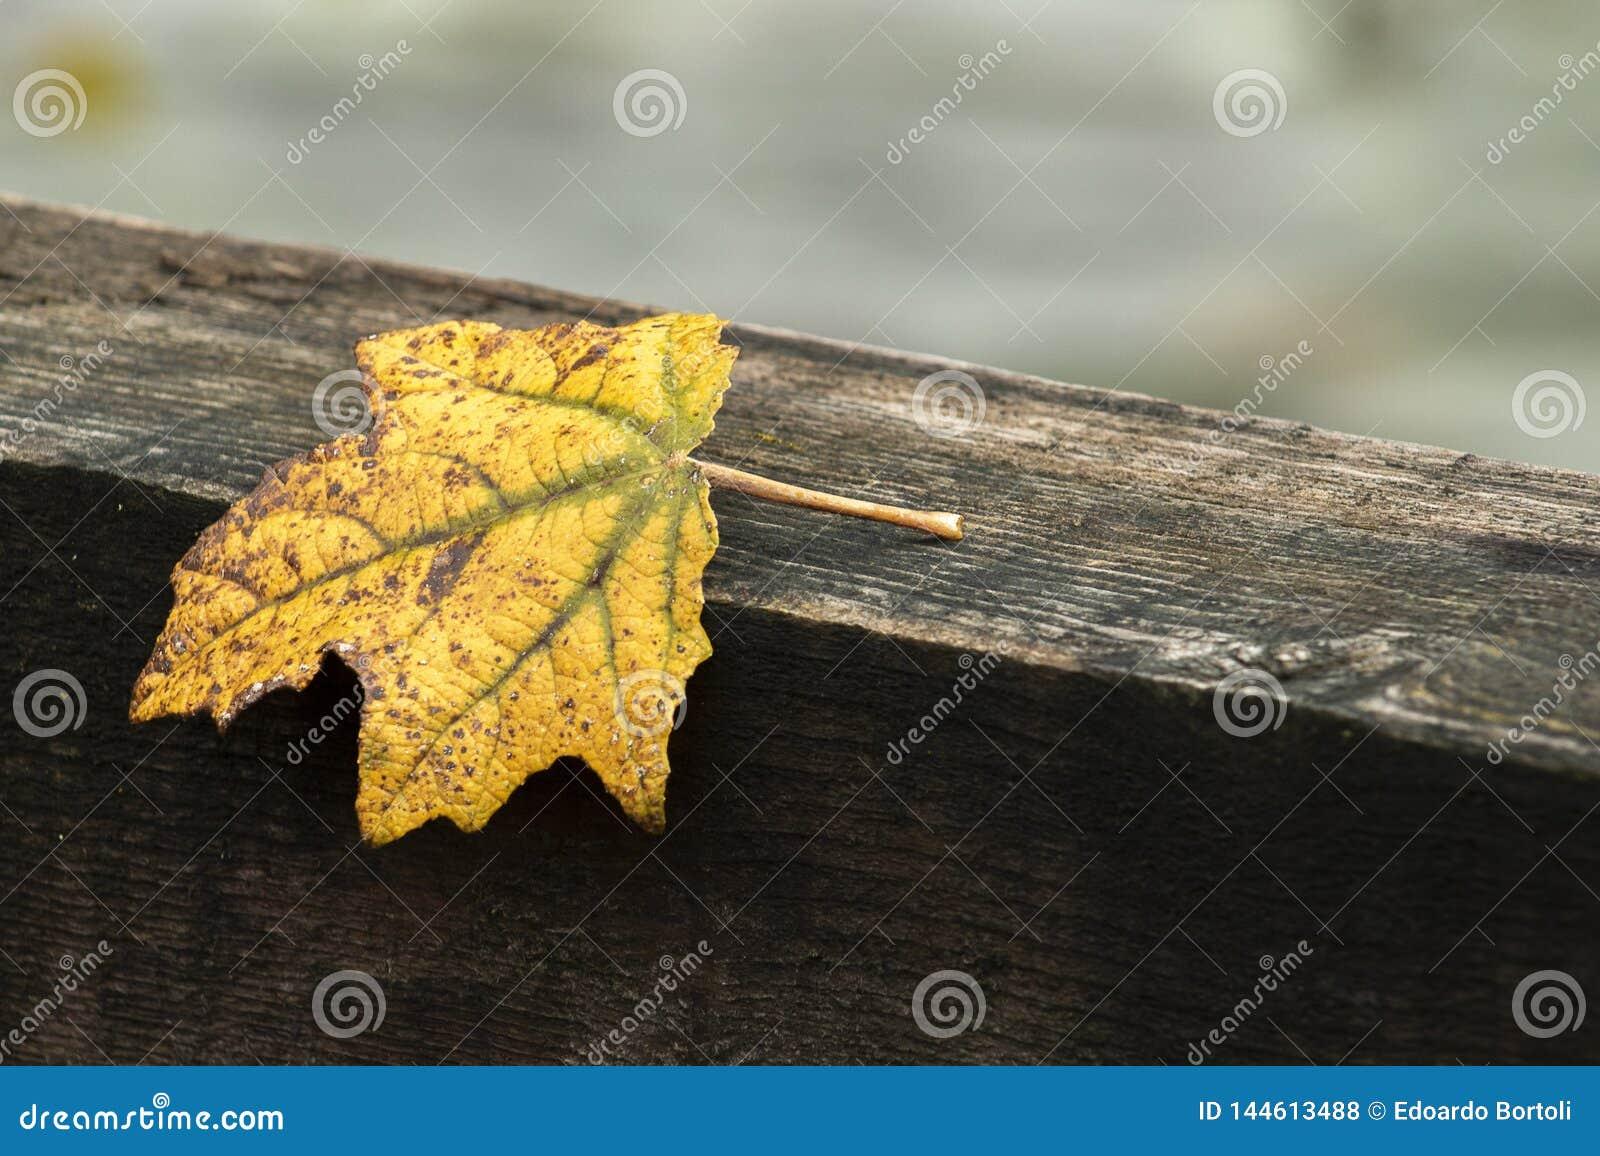 Höst och gult blad